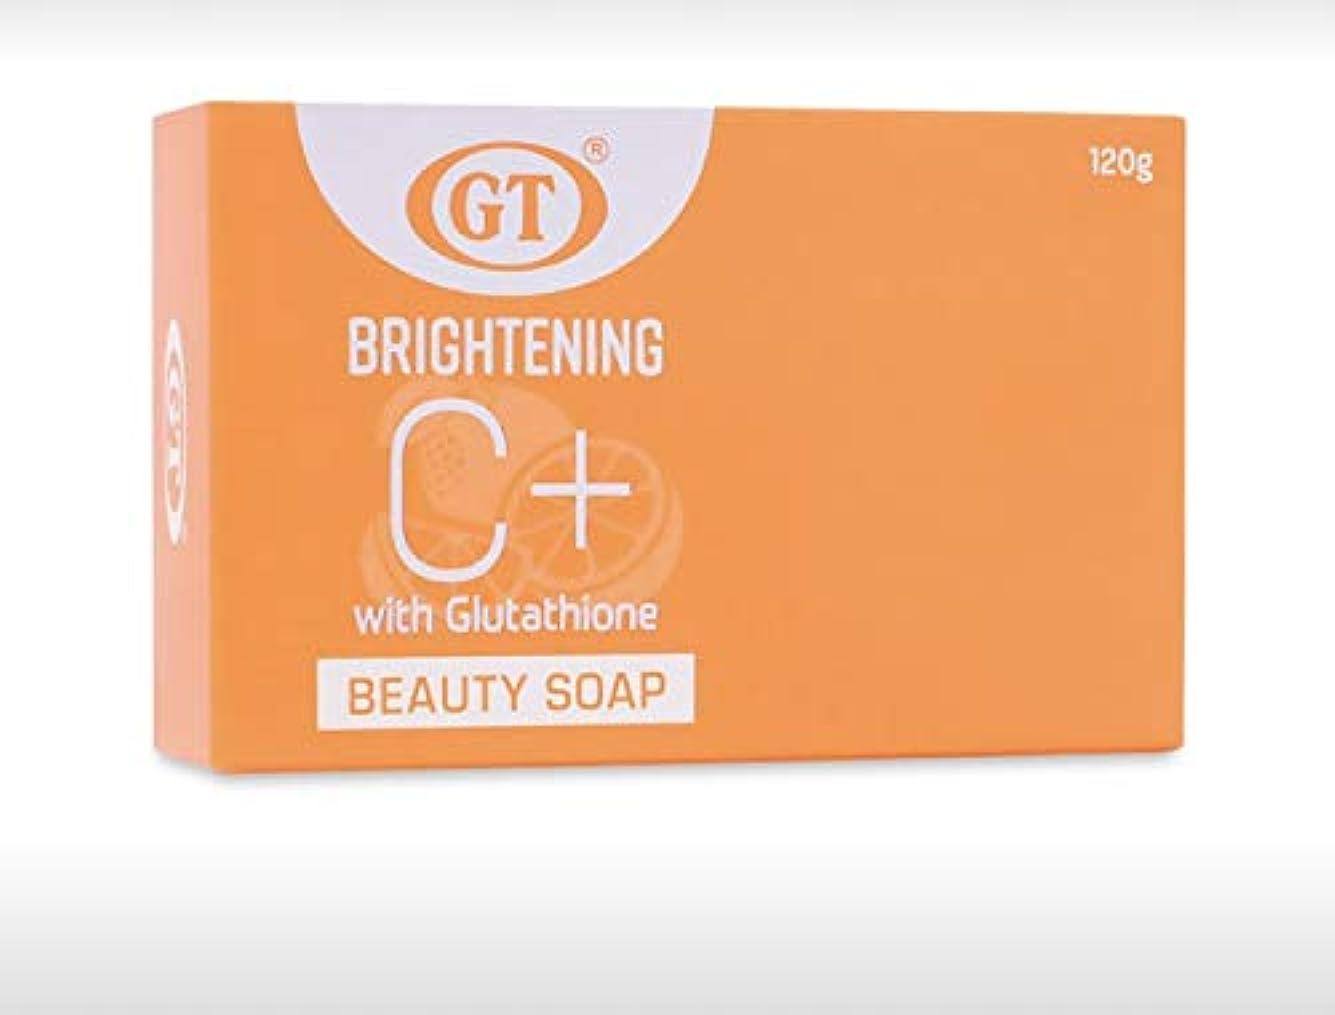 急いで音楽を聴く封建GT COSMETICS ビタミンC+グルタチオン配合ソープ 120g